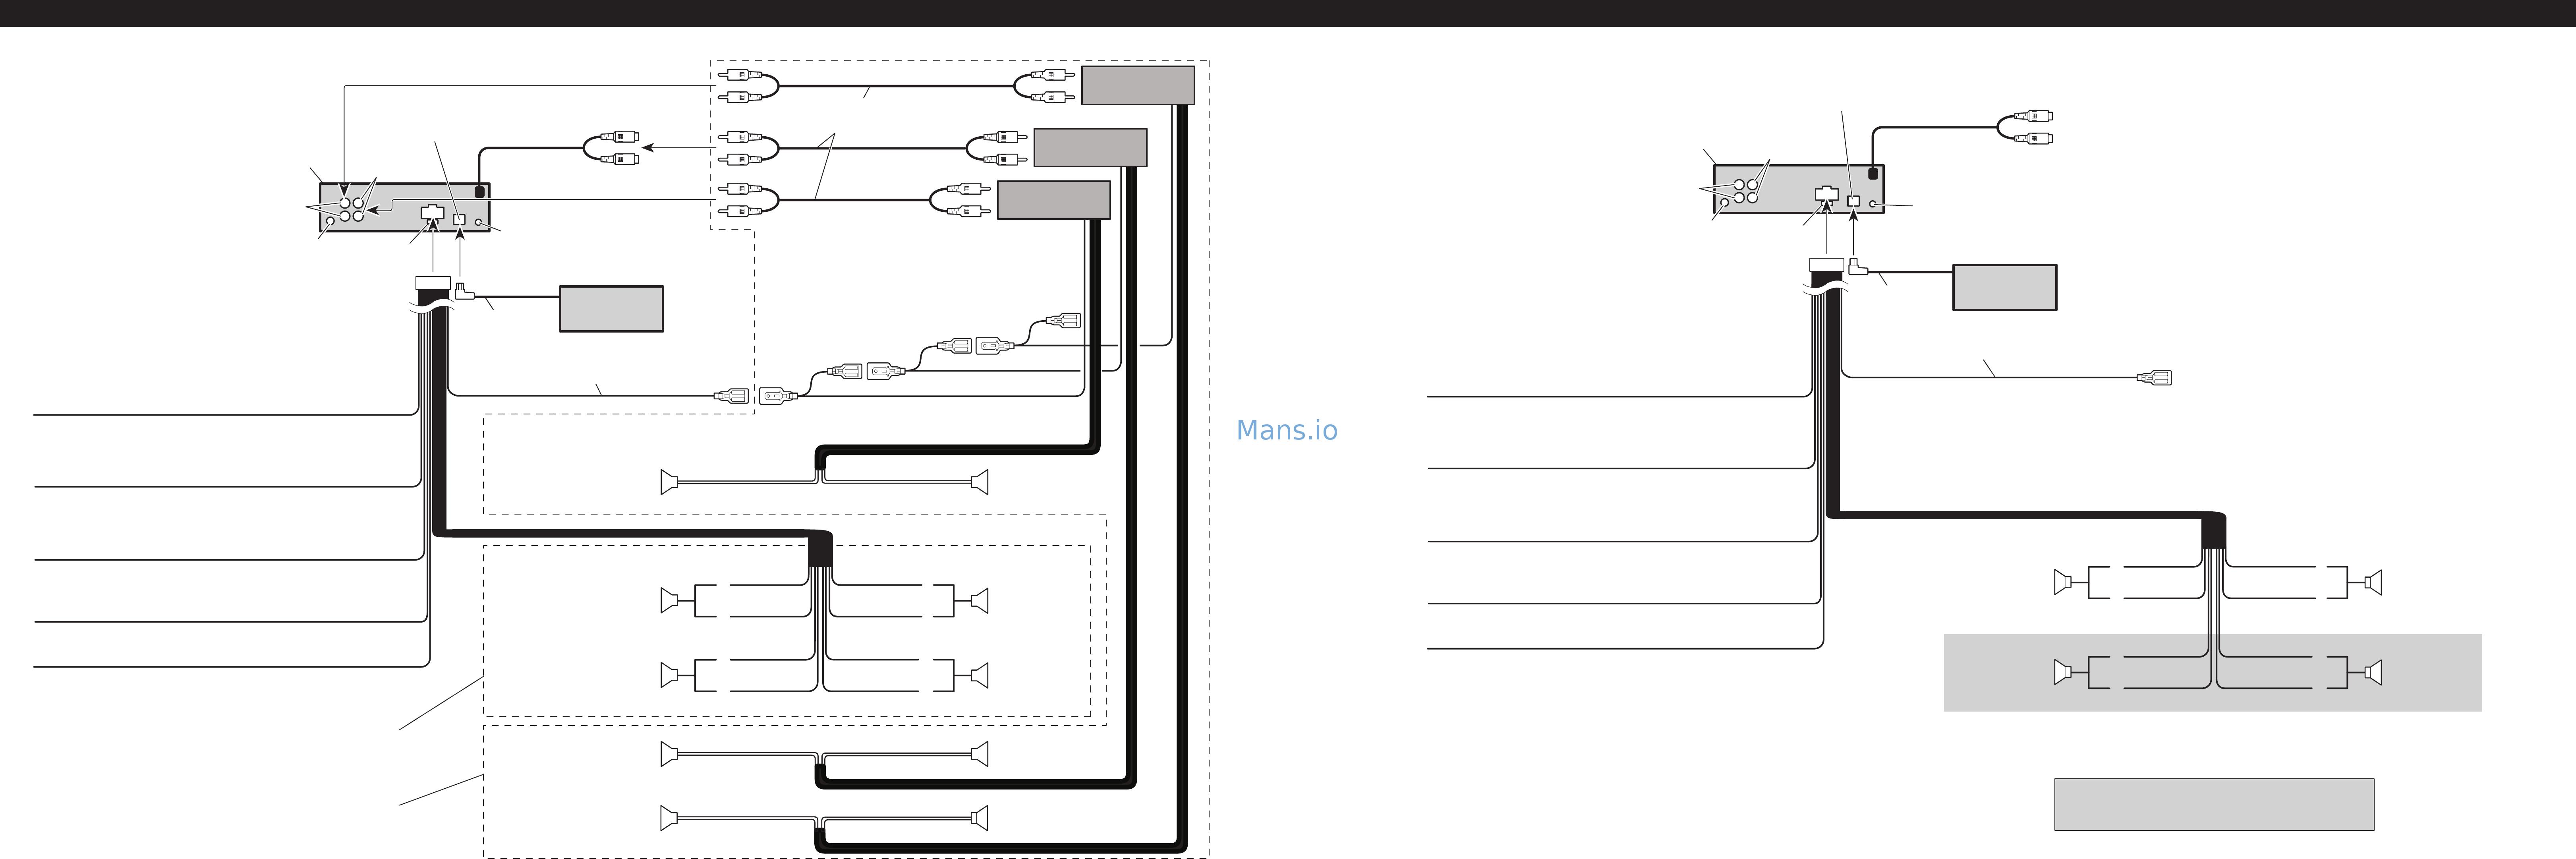 Pioneer Deh P2600 Wiring Diagram